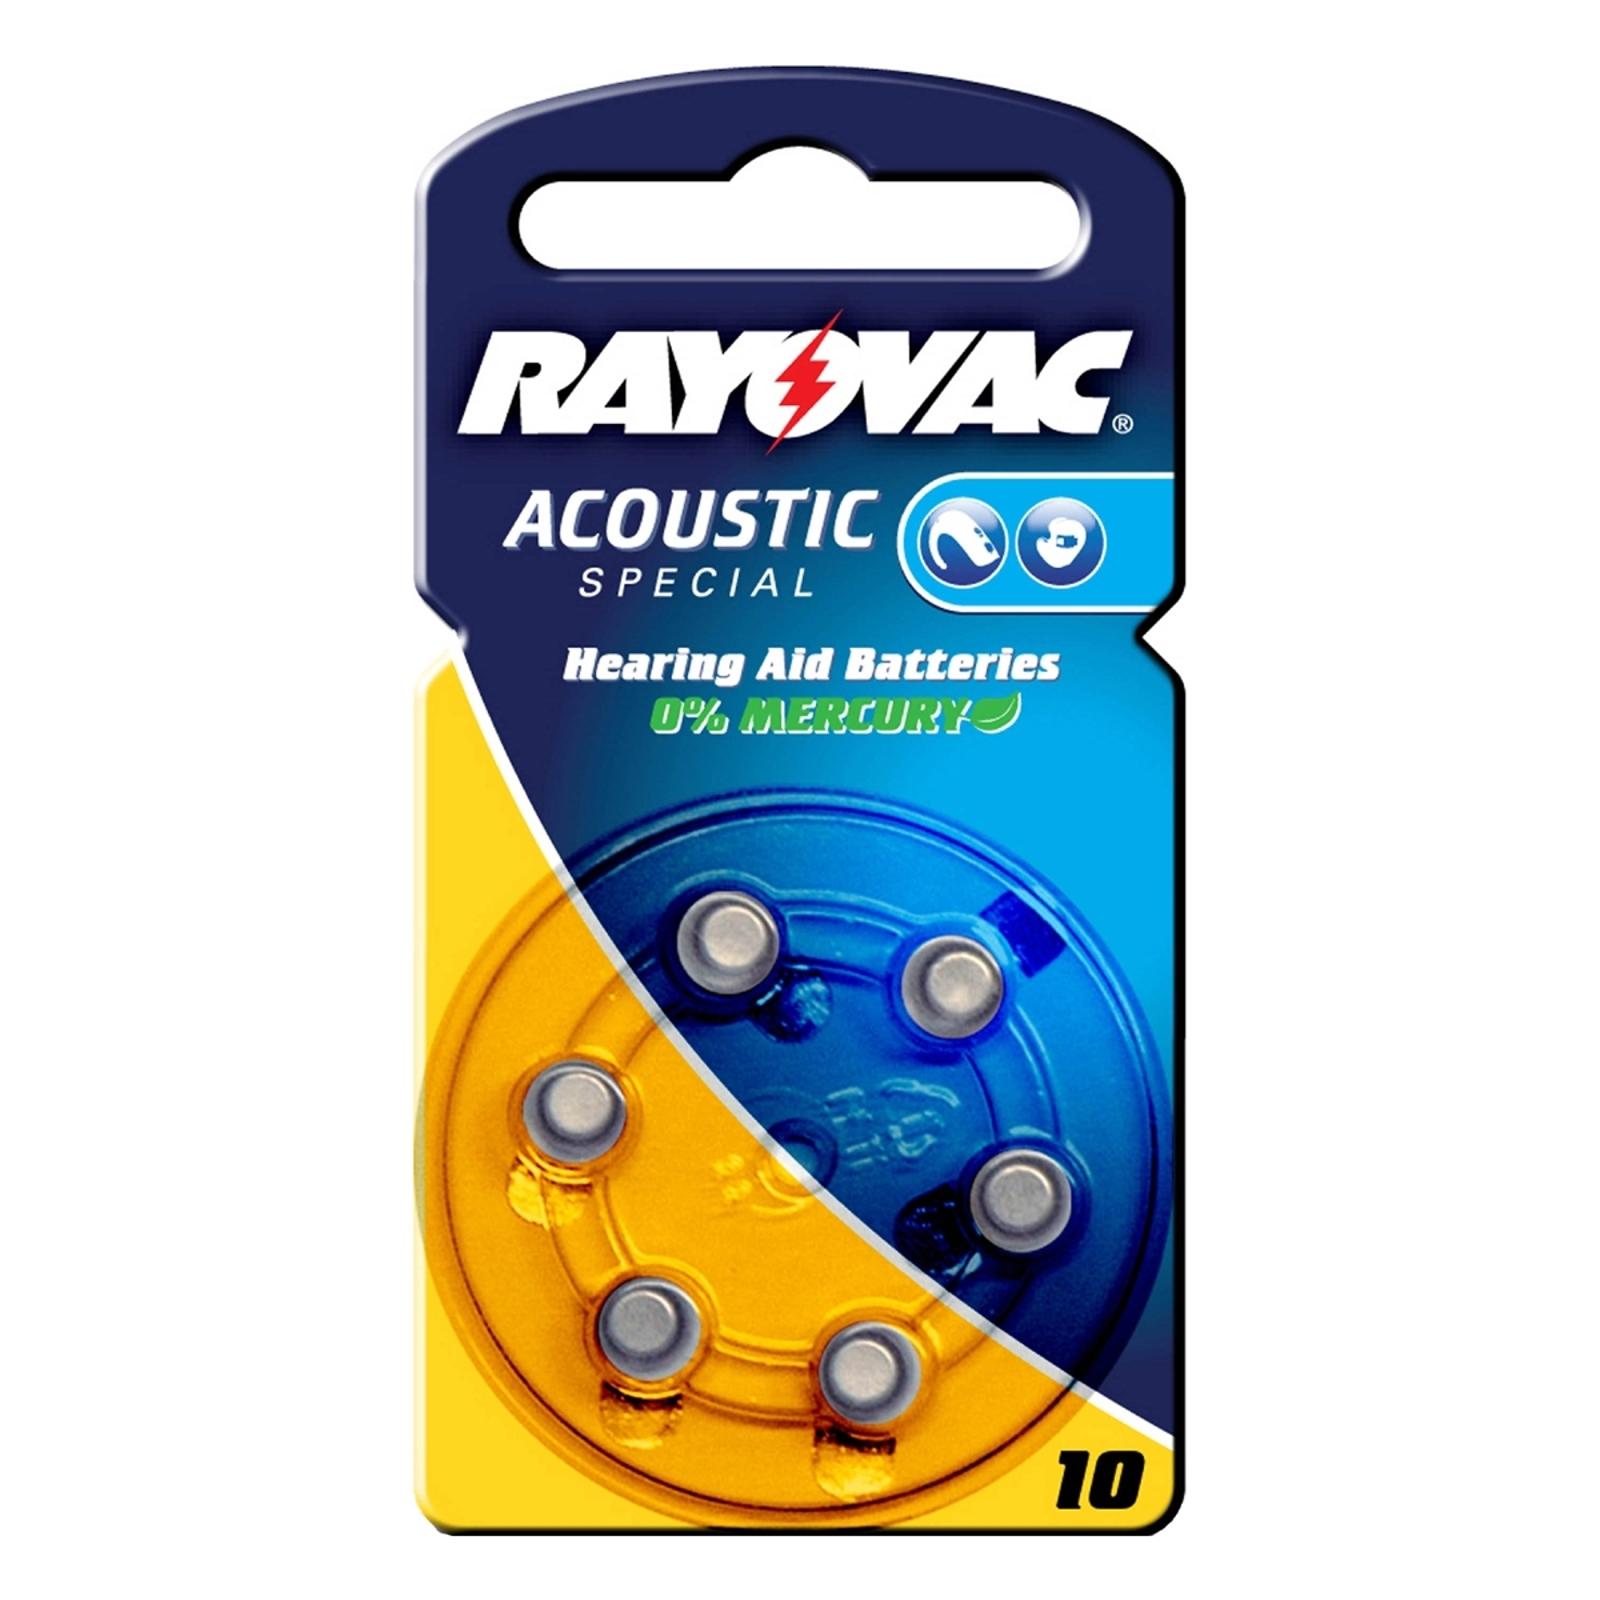 Rayovac 10 Acoustic 1,4 V, 105m/Ah nappiparisto